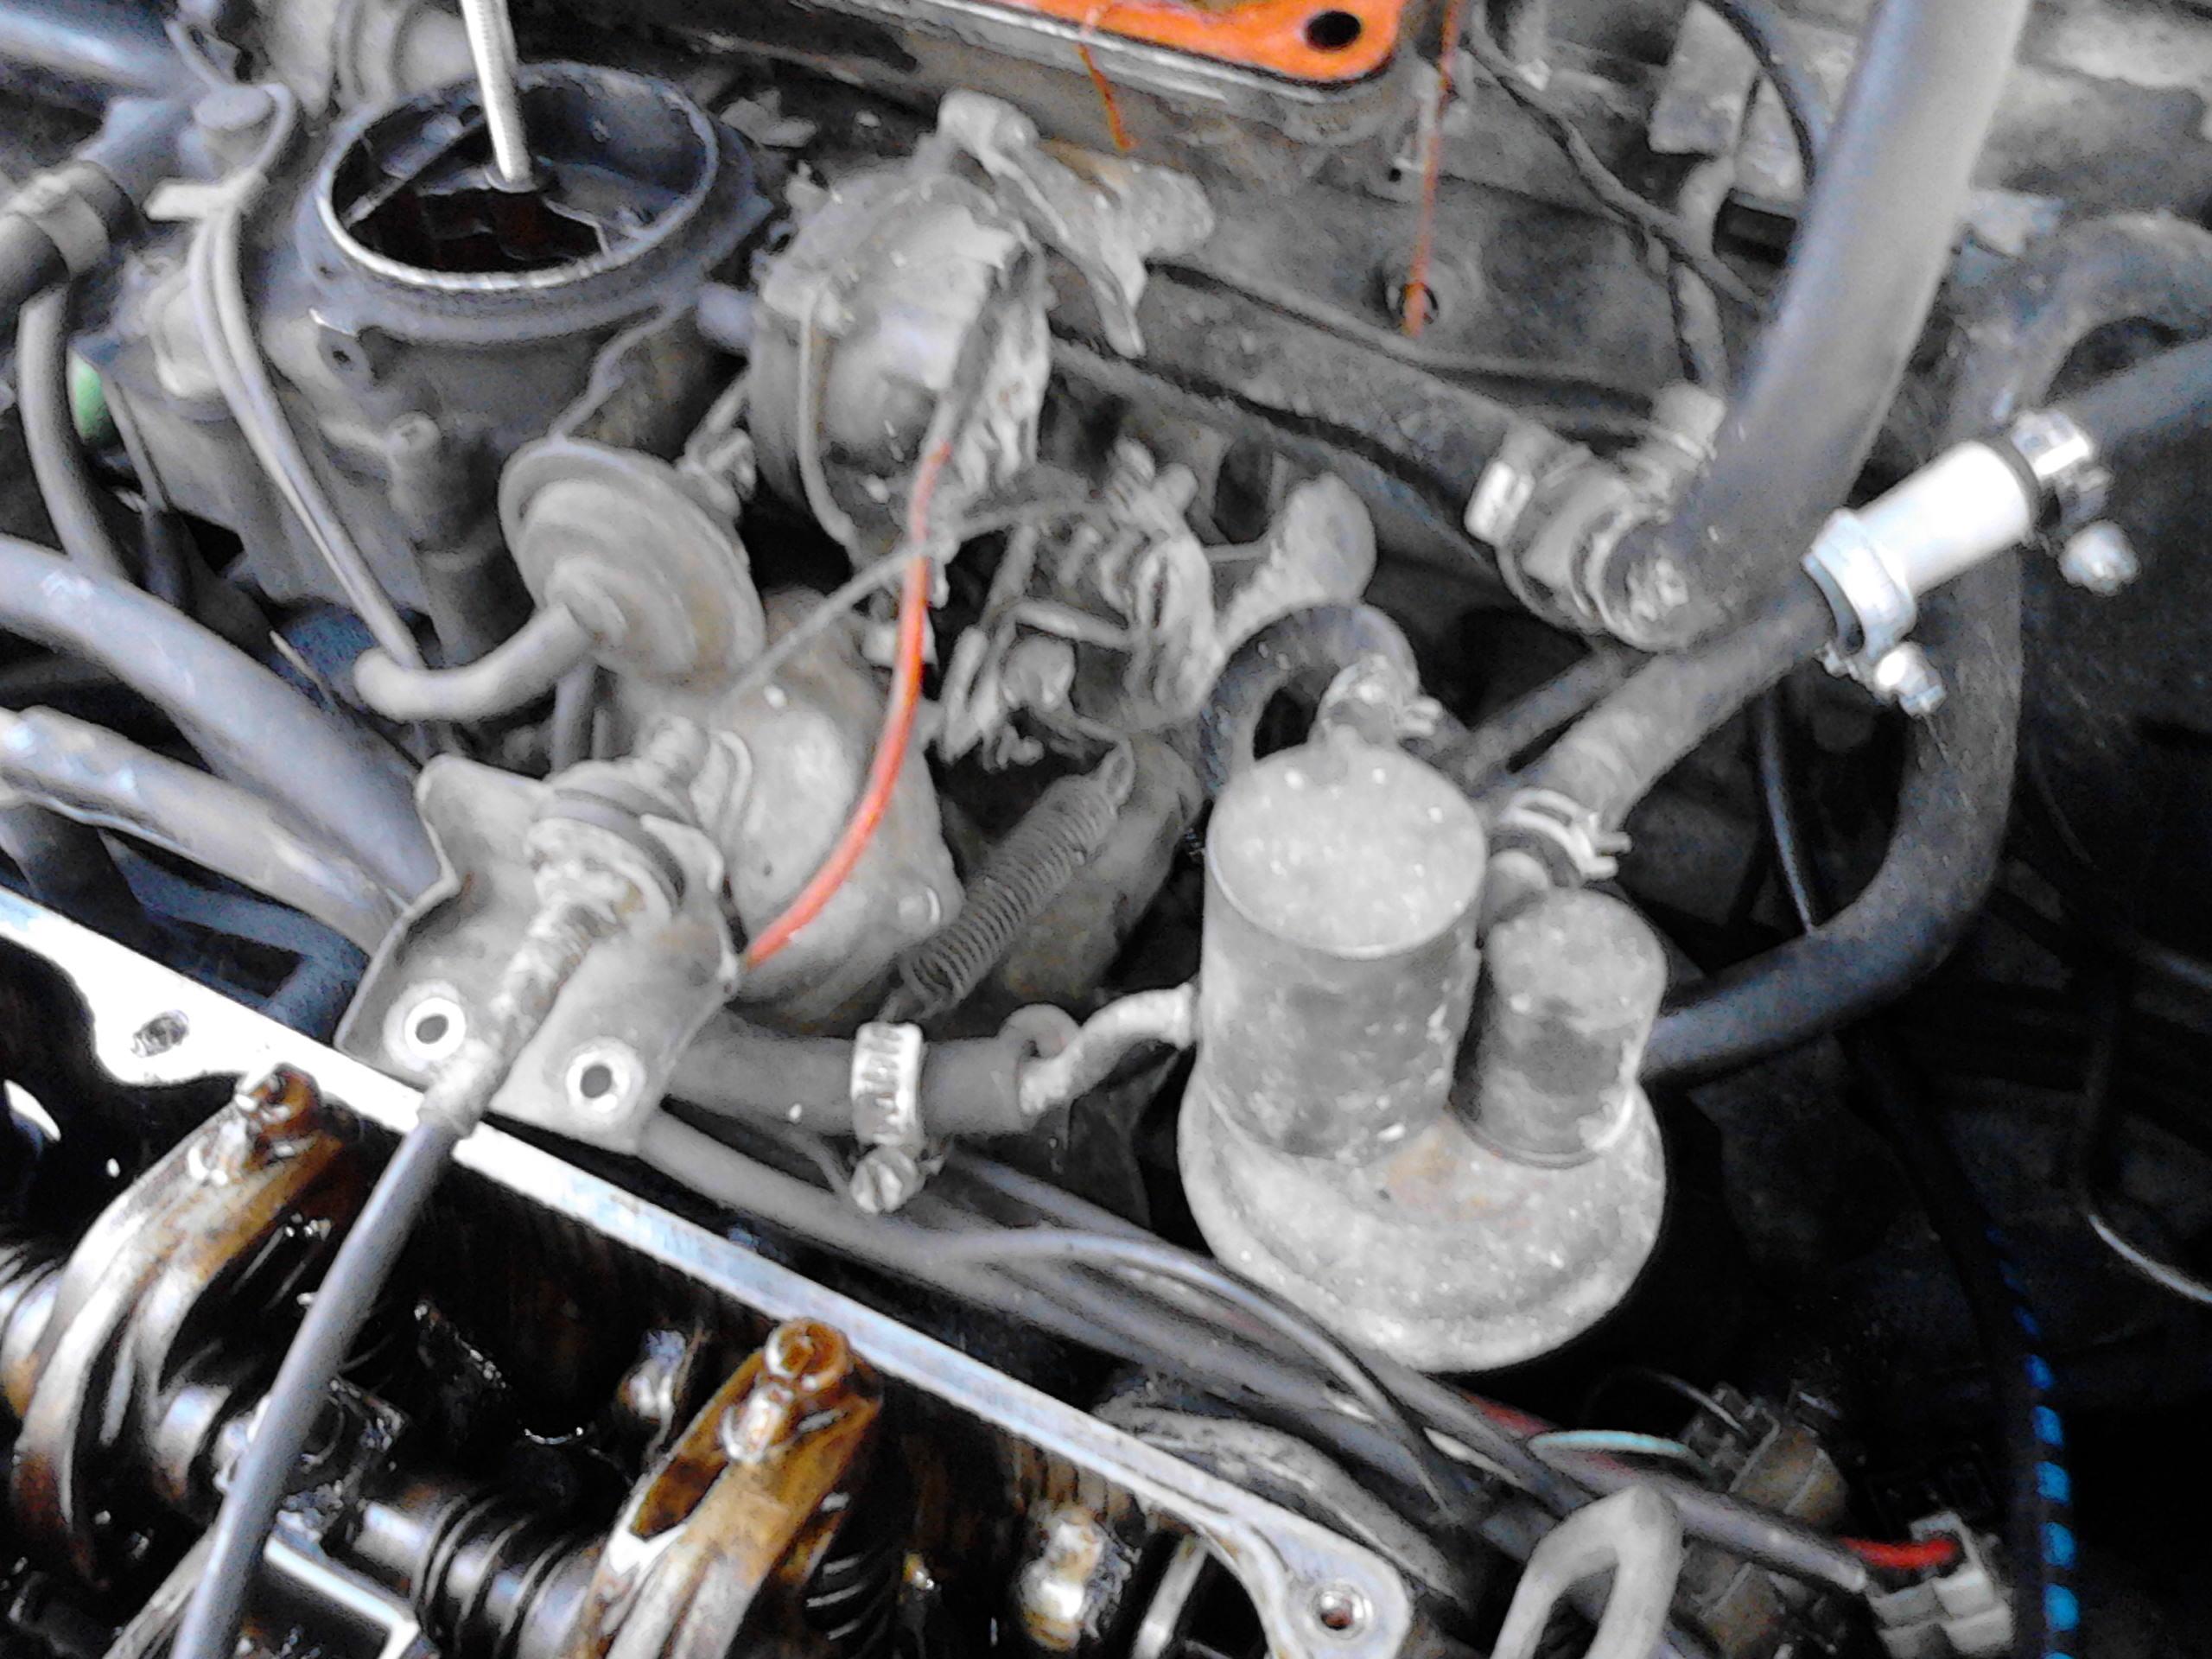 Mazda 323 BF - Identyfikacja jednostki nap�dowej.